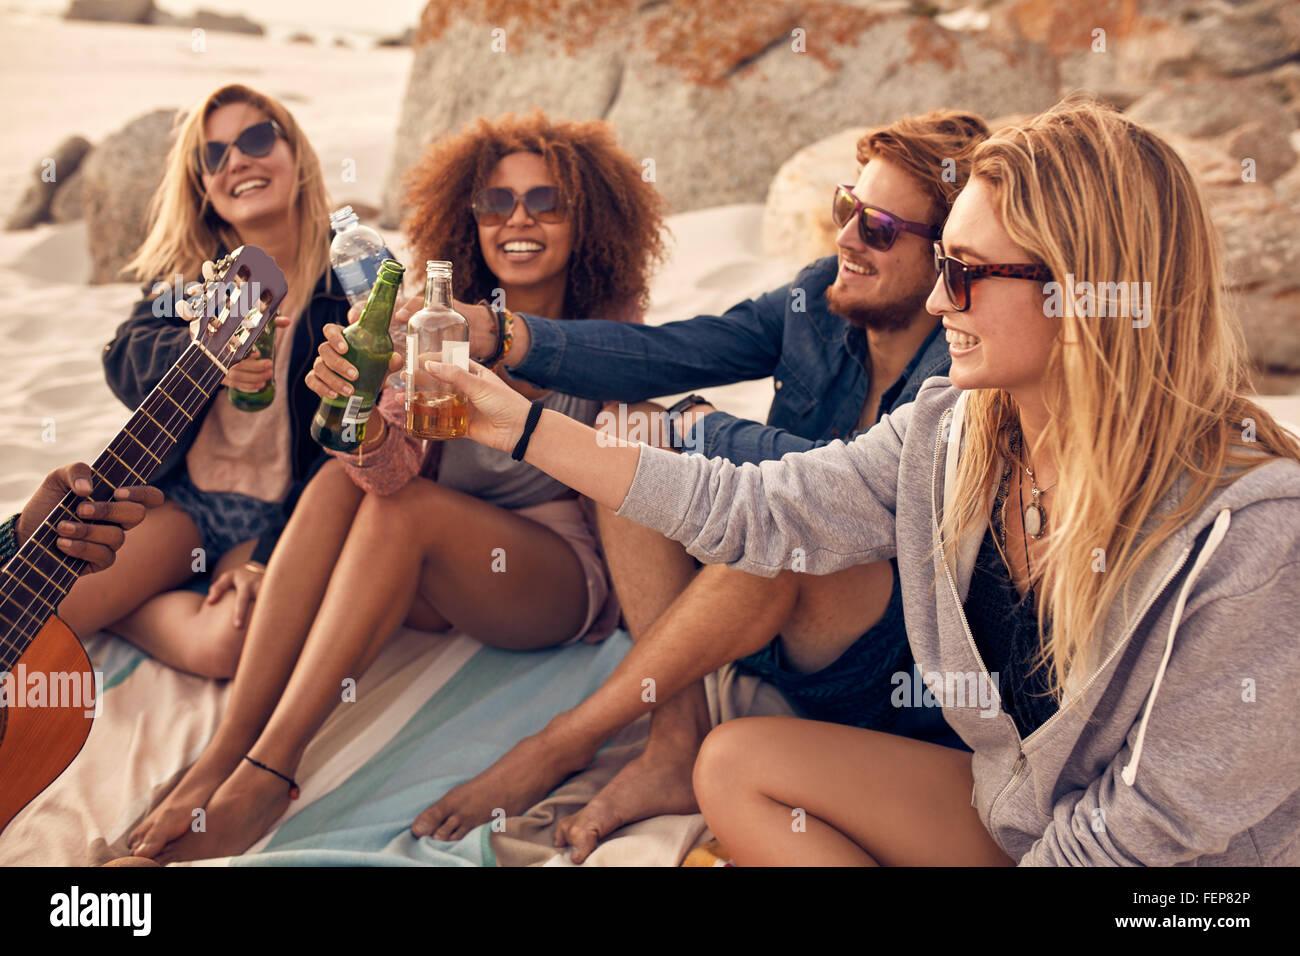 Junge Menschen sitzen zusammen am Strand und eine Party. Gruppe von Freunden jubelt mit Bier am Strand. Stockbild